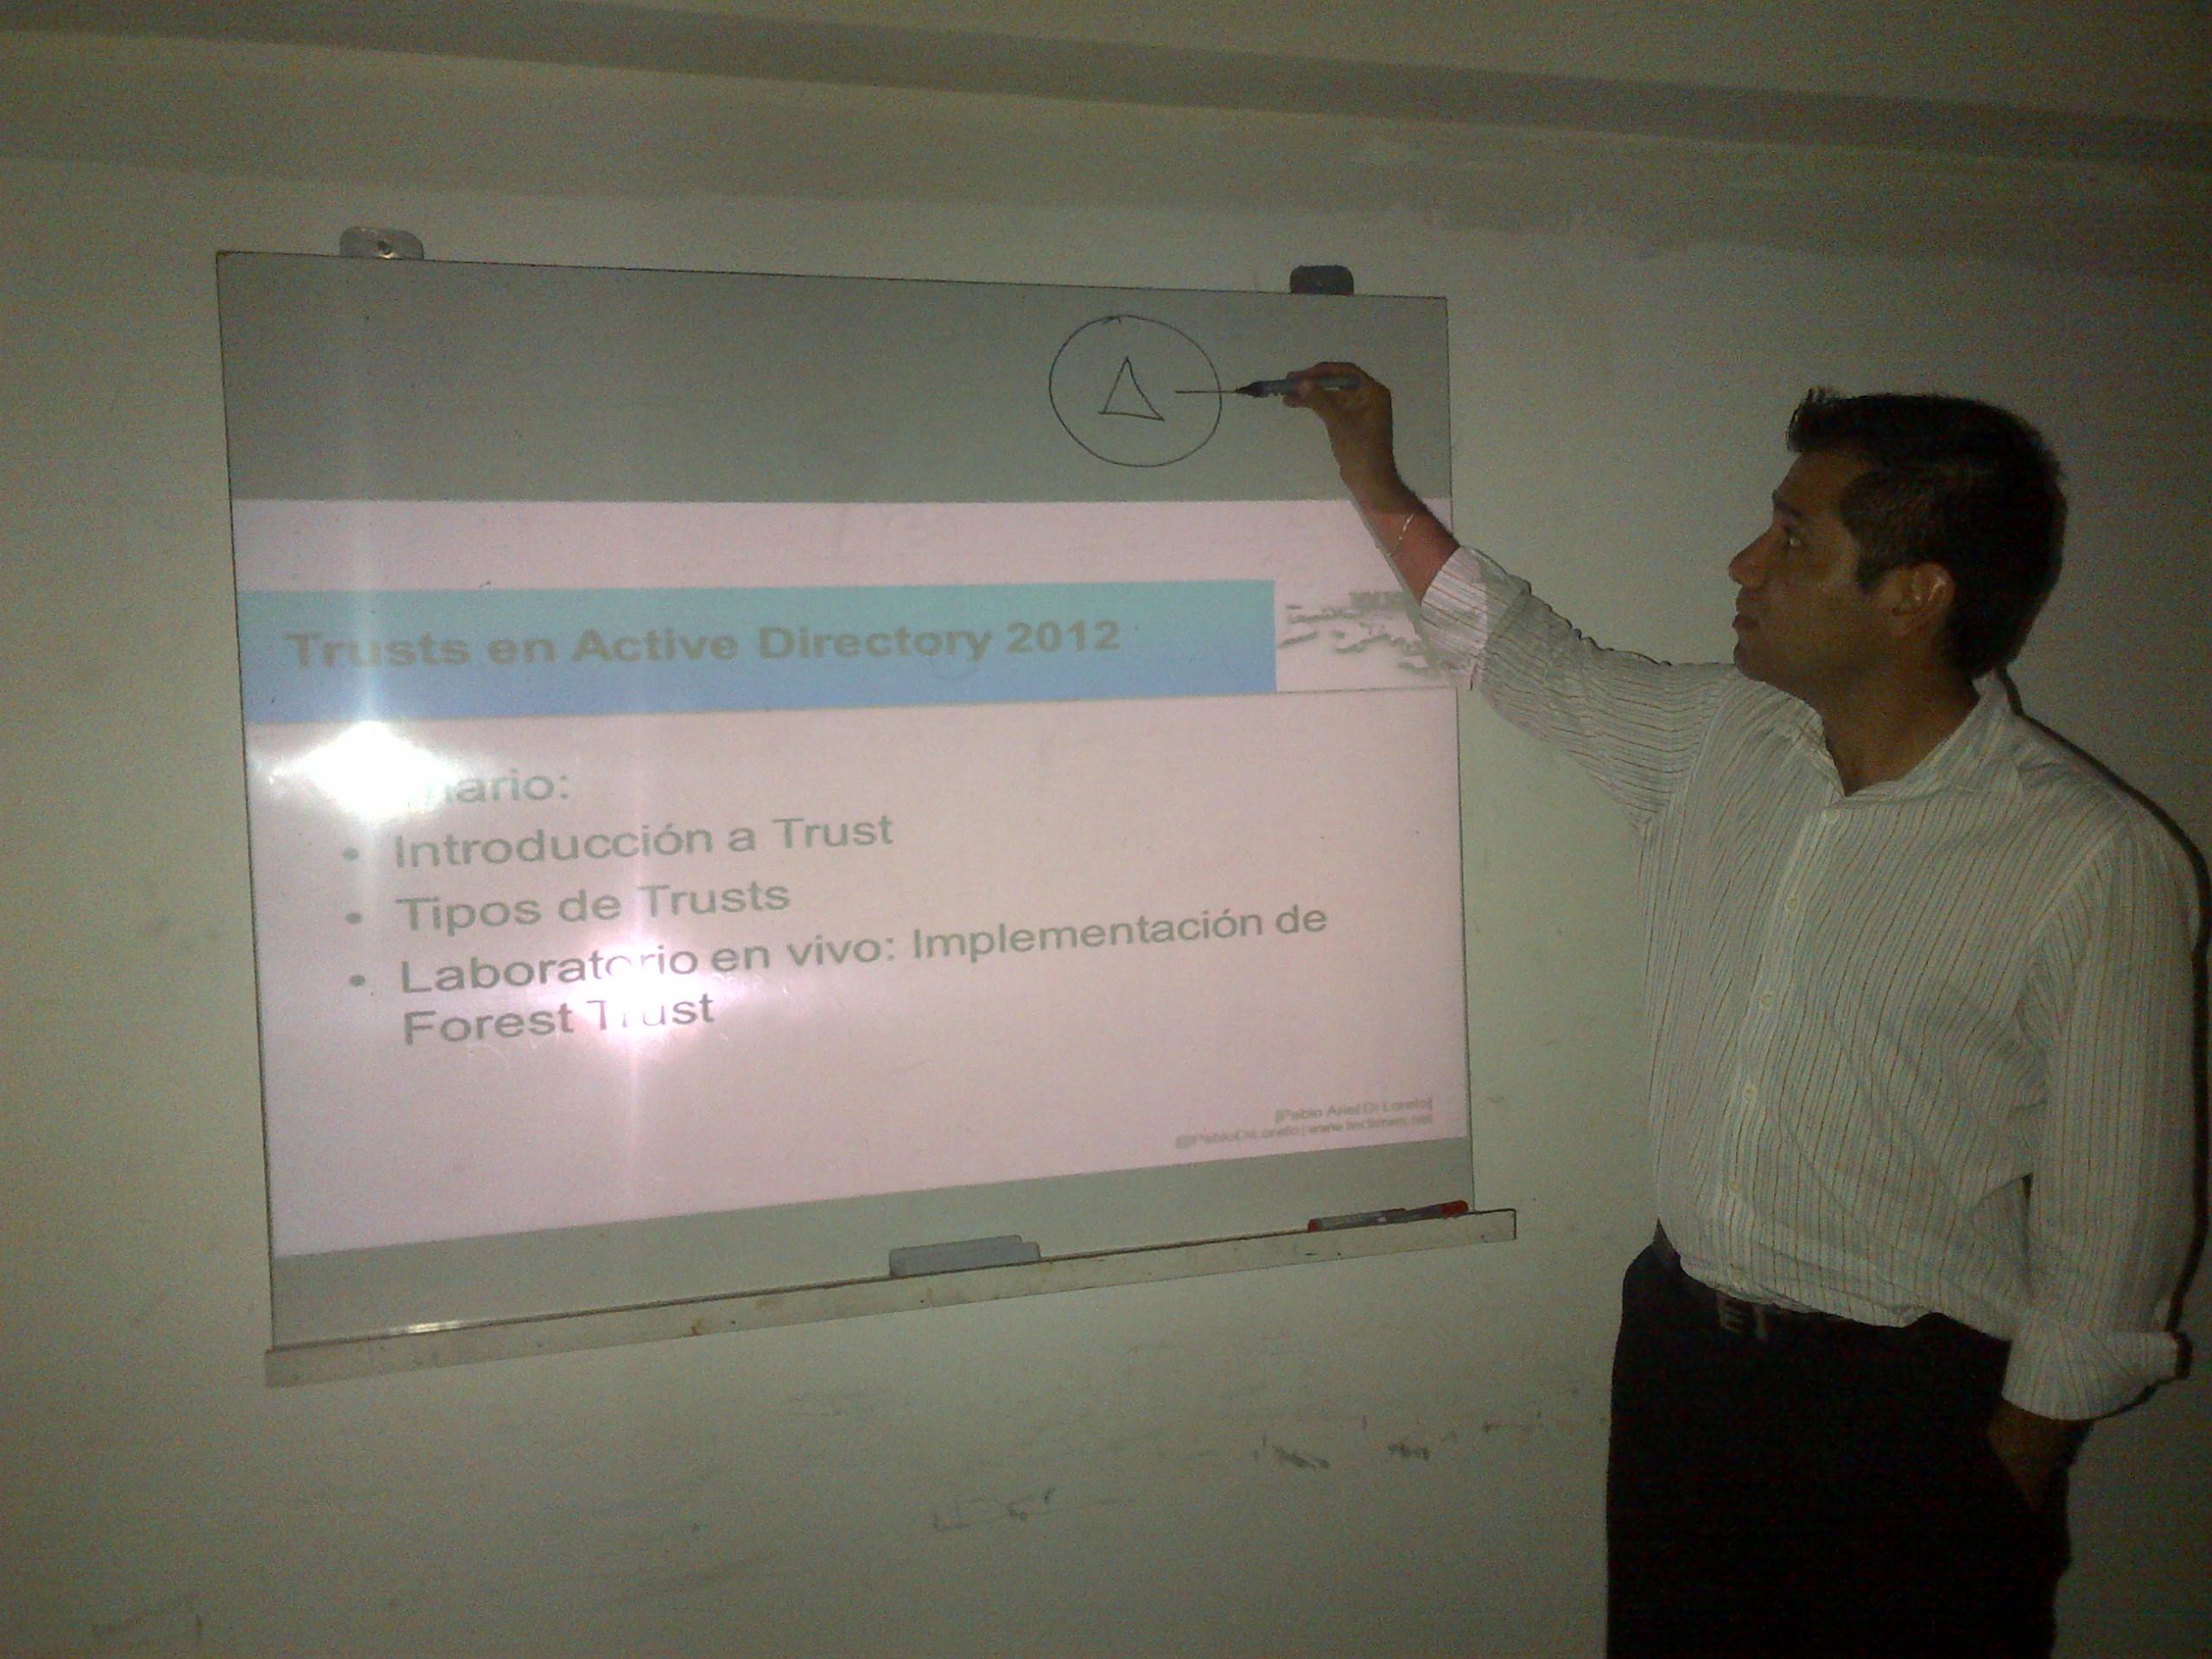 Capacitacion Active Directory y Lab Active Directory 2012 - Diciembre 2012